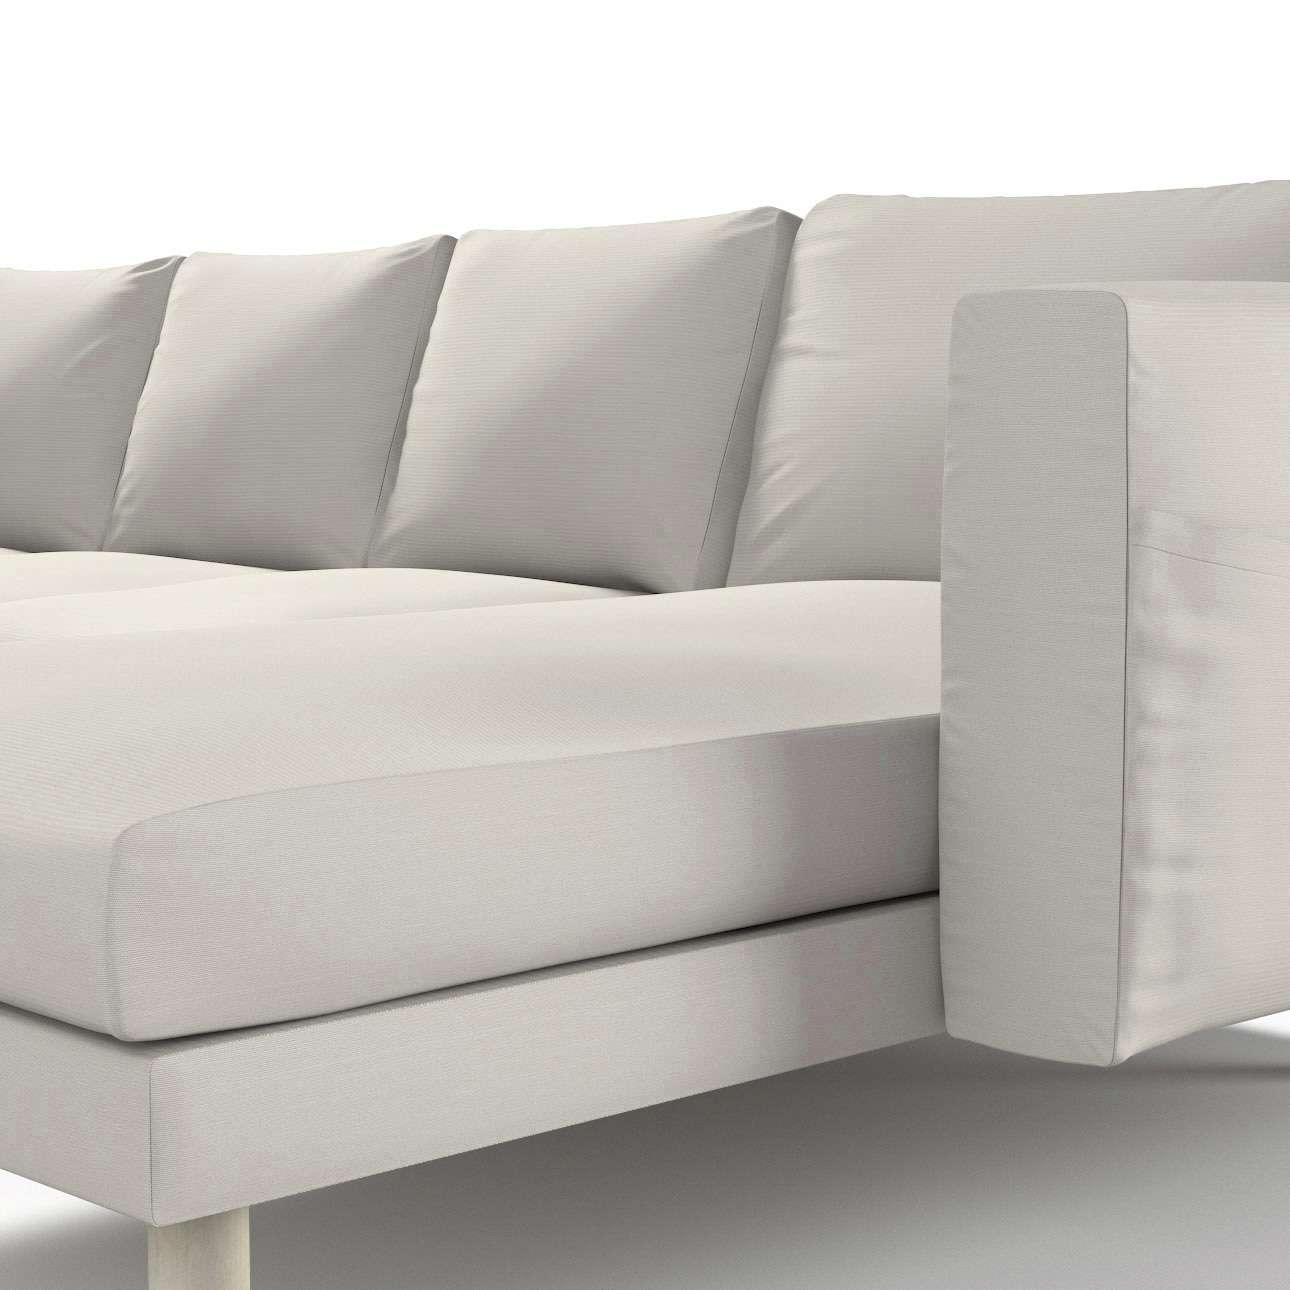 Pokrowiec na sofę Norsborg 4-osobową z szezlongiem w kolekcji Cotton Panama, tkanina: 702-31